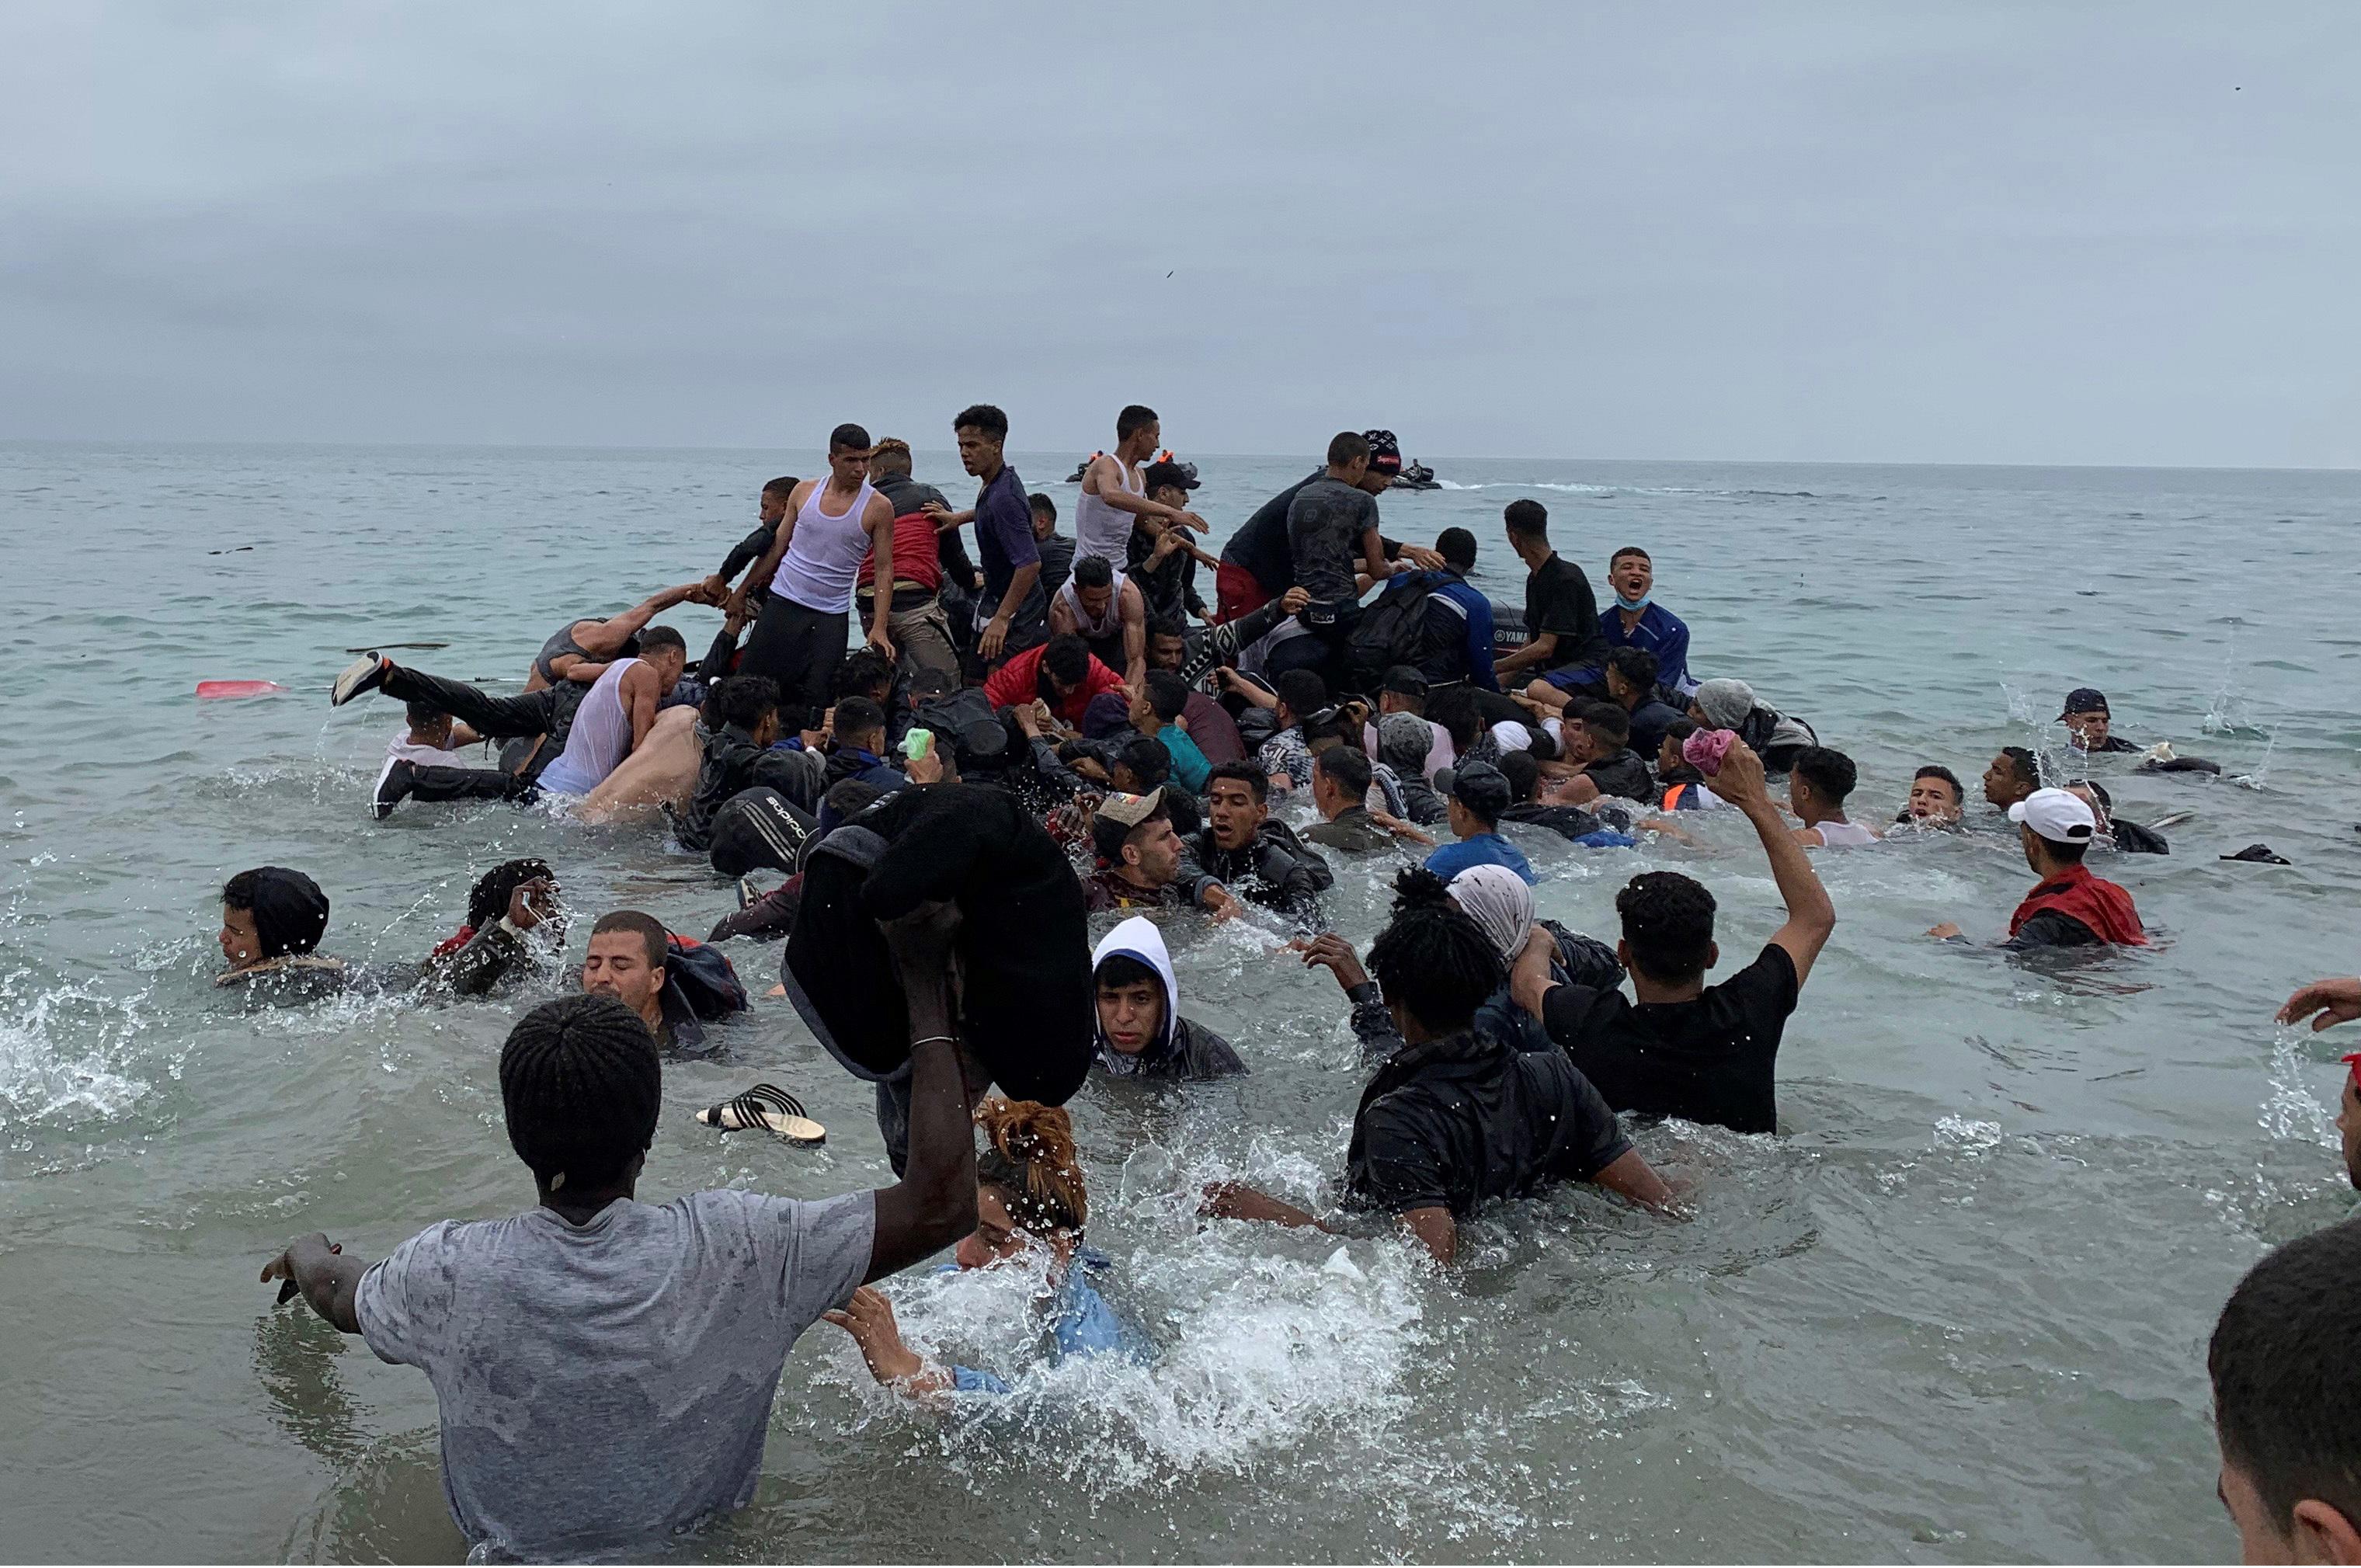 Un grupo de personas se hacen con una embarcación de las autoridades marroquíes en la playa de la localidad de Fnideq (Castillejos) para cruzar los espigones de  lt;HIT gt;Ceuta lt;/HIT gt; este martes en una avalancha de inmigrantes sin precedentes en España al registrarse la entrada en 24 horas de 5.000 personas (un tercio de ellas menores).